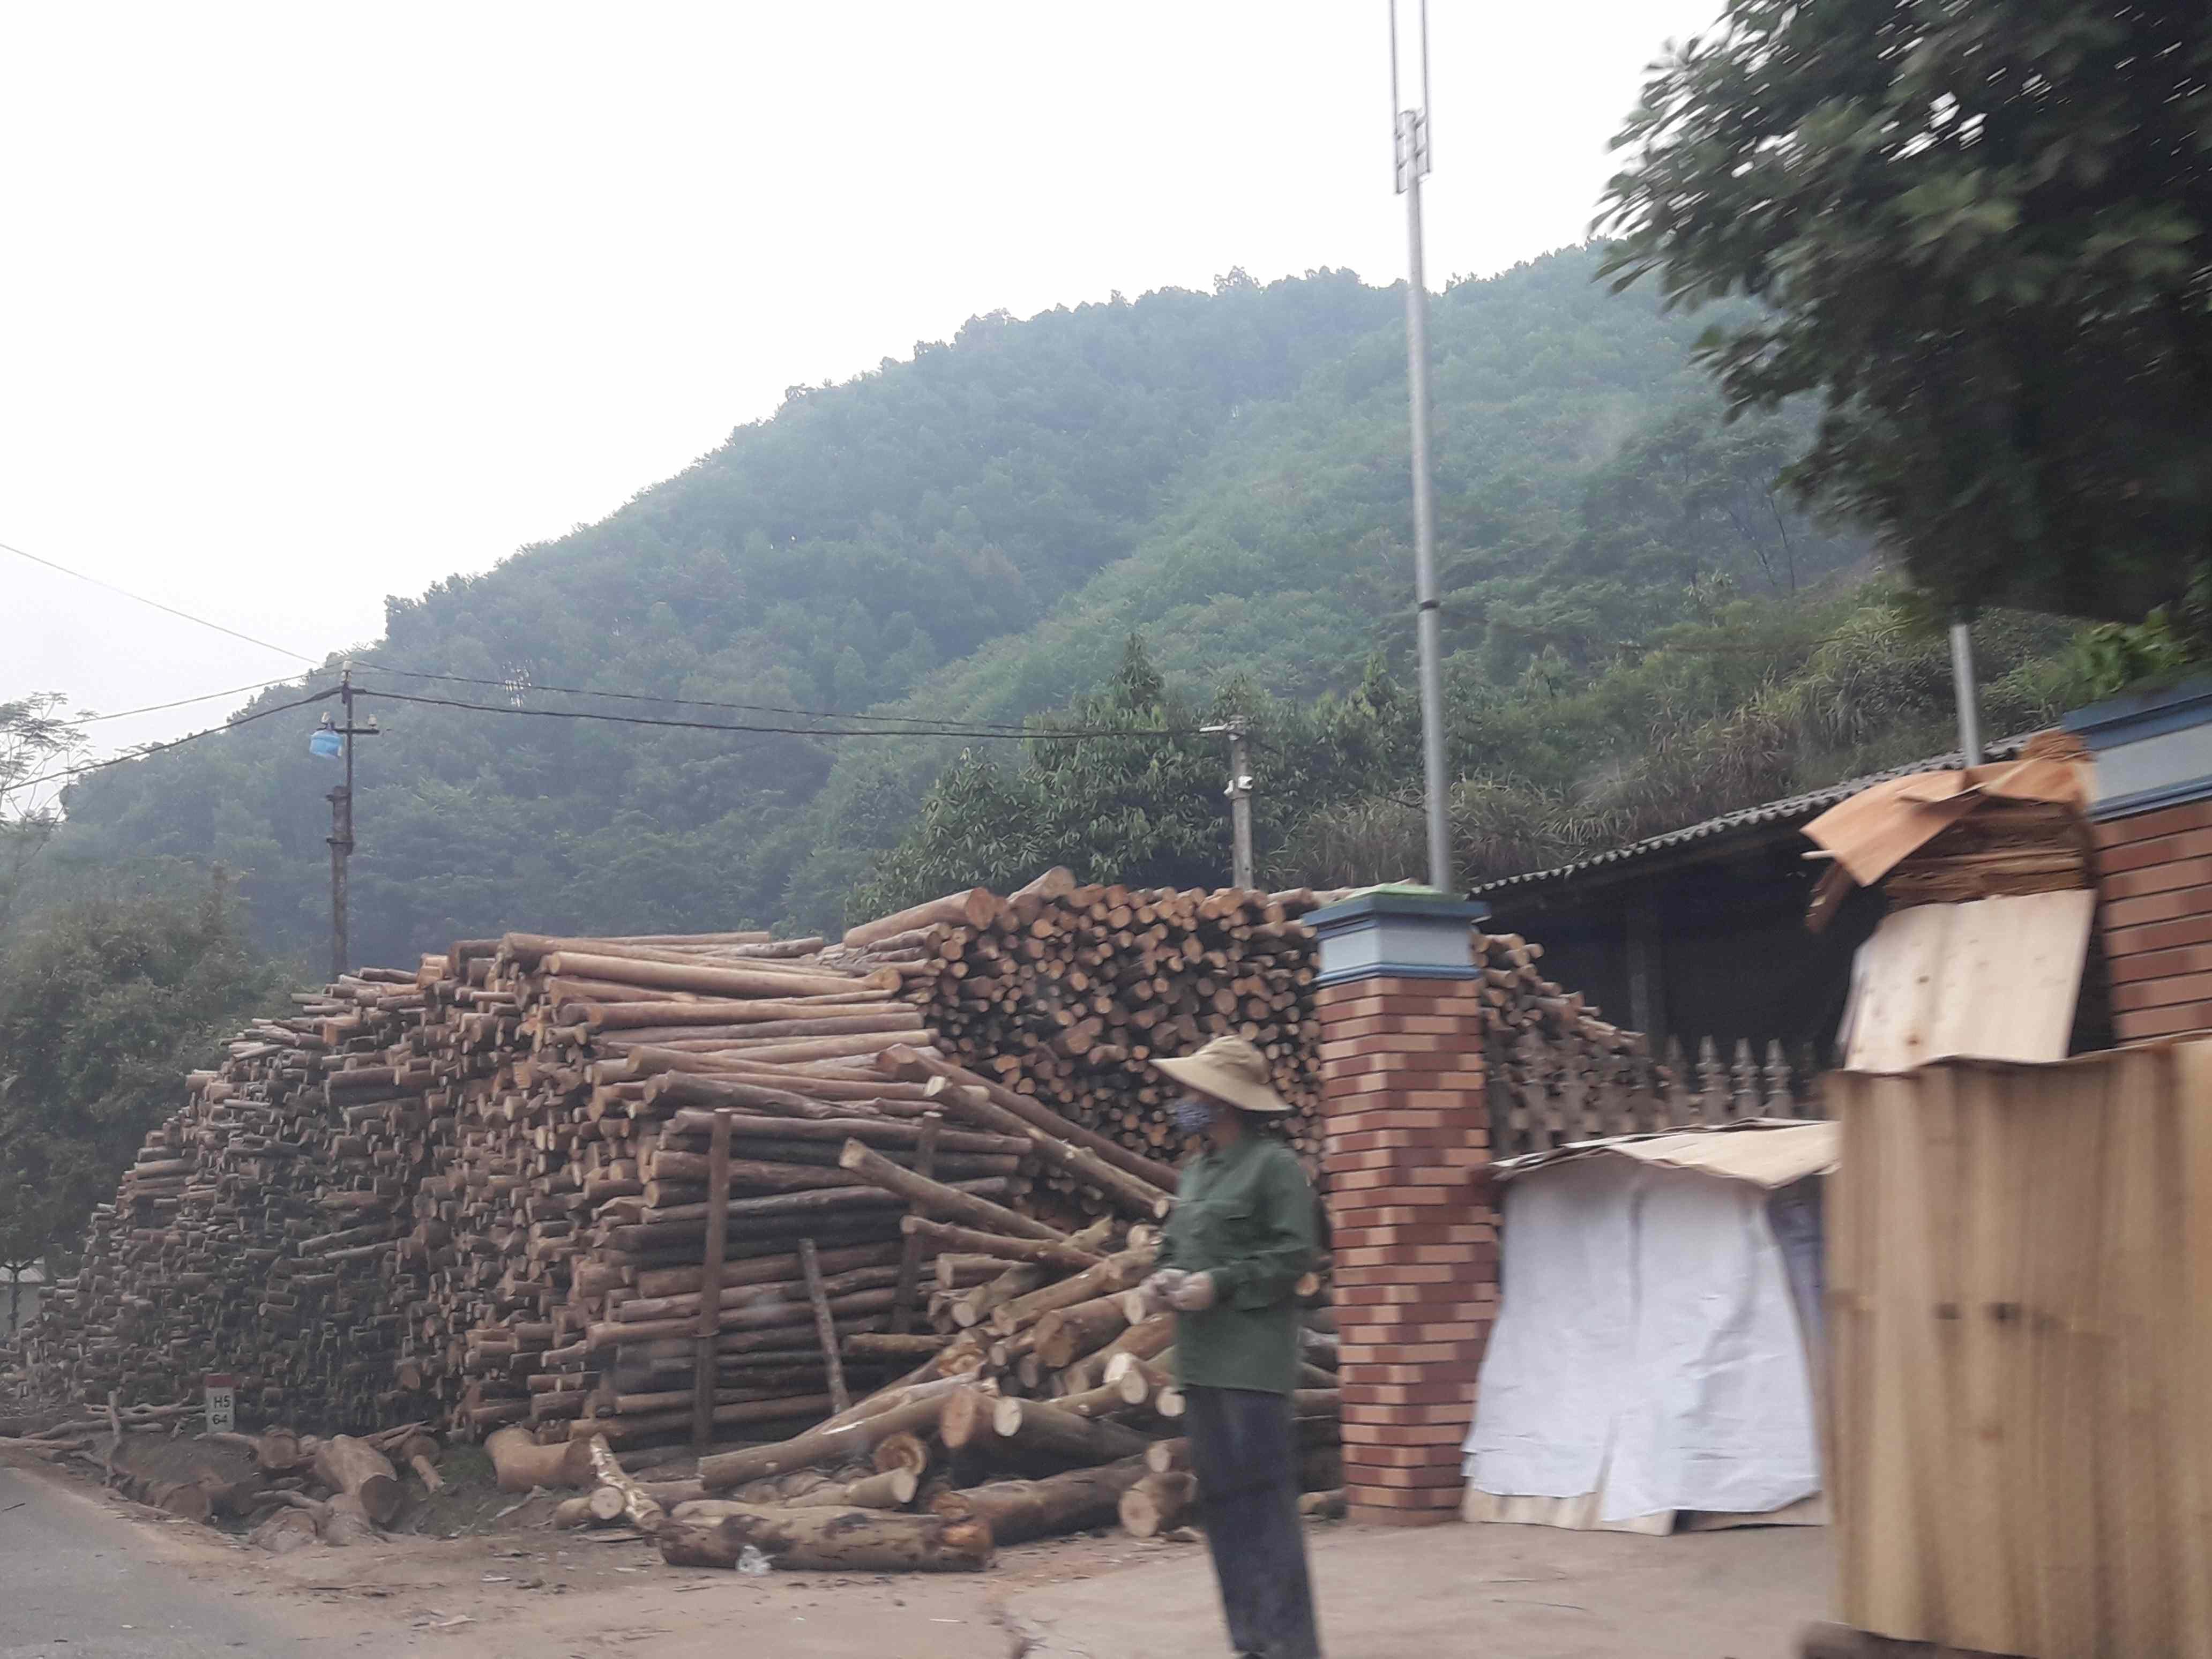 Huyện Thanh Sơn (Phú Thọ) phát triển kinh tế đồi rừng